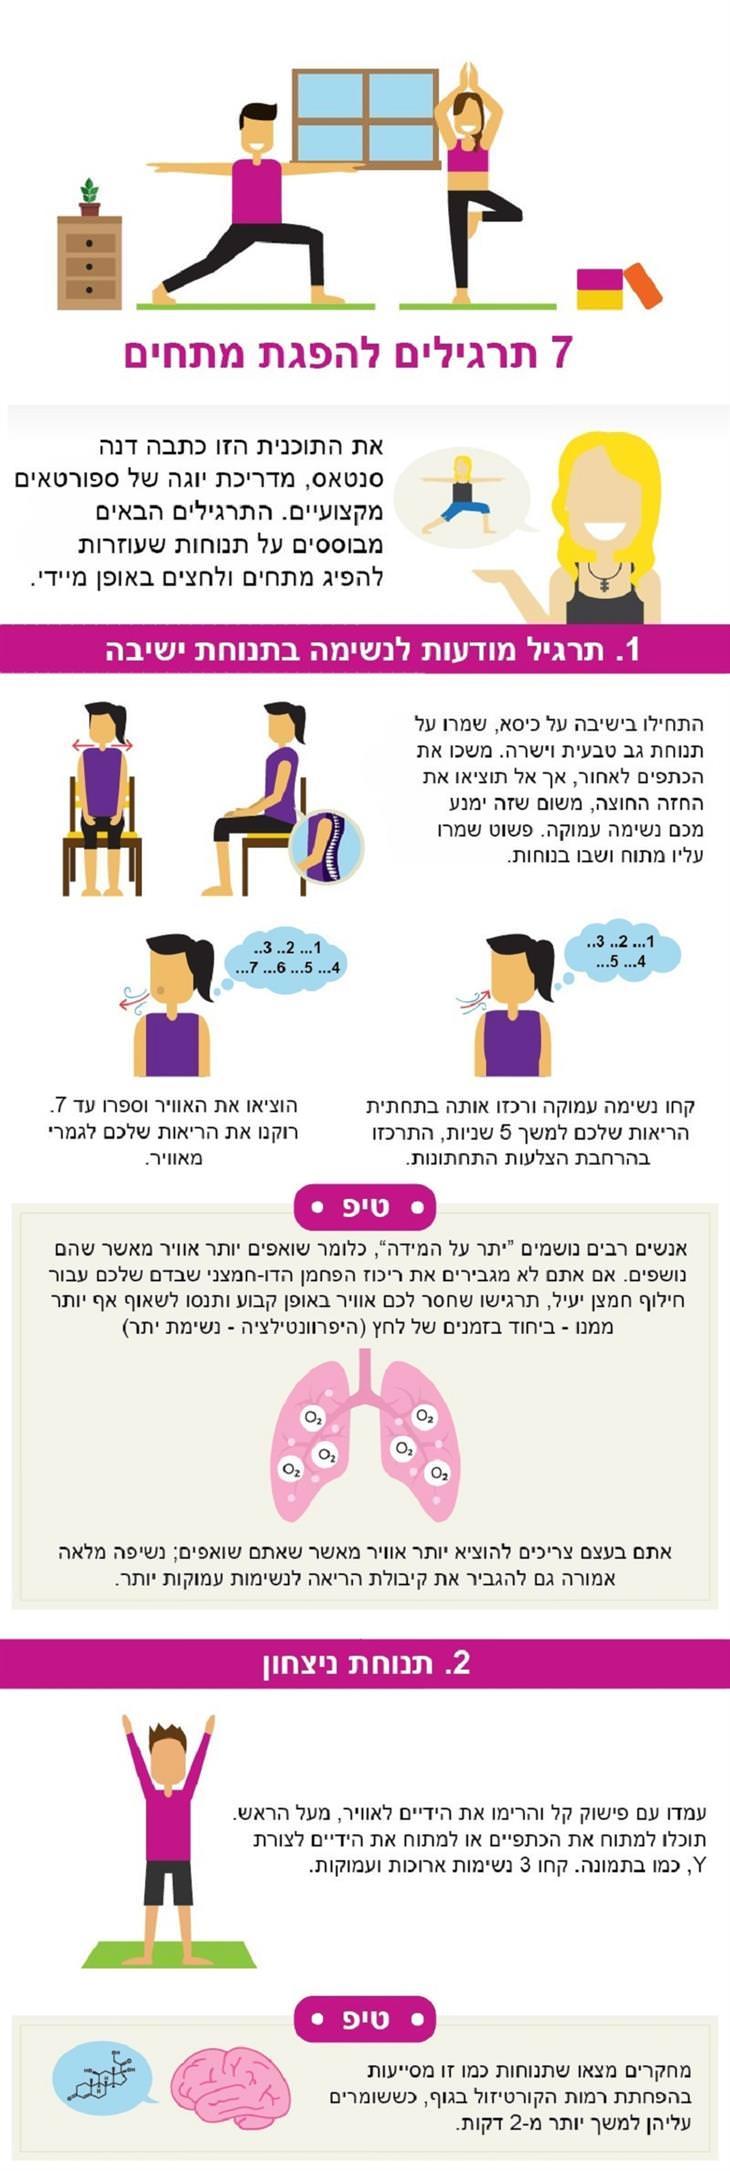 תרגילי נשימה להפגת מתחים